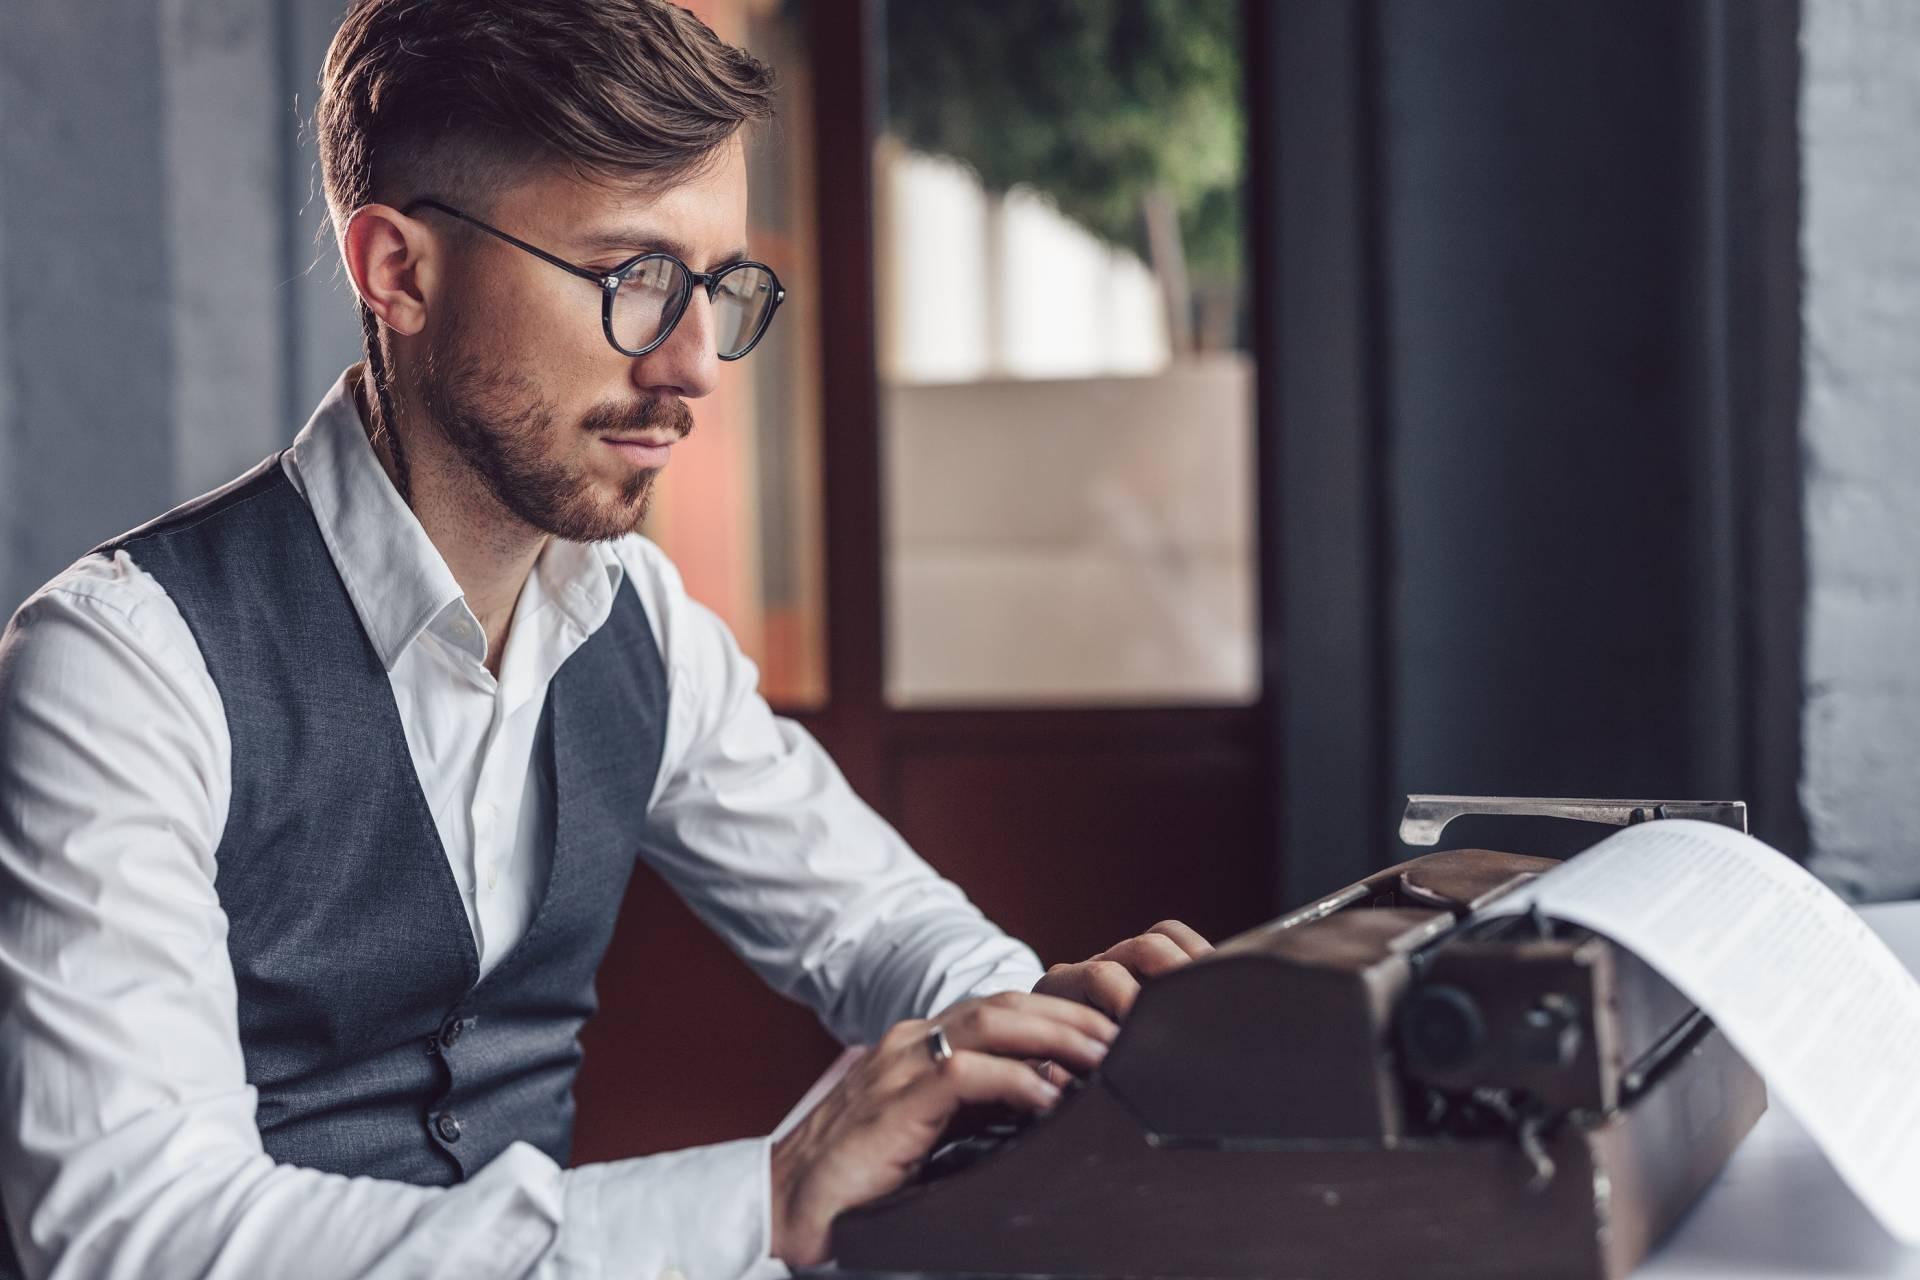 Man Typing on Typewriter